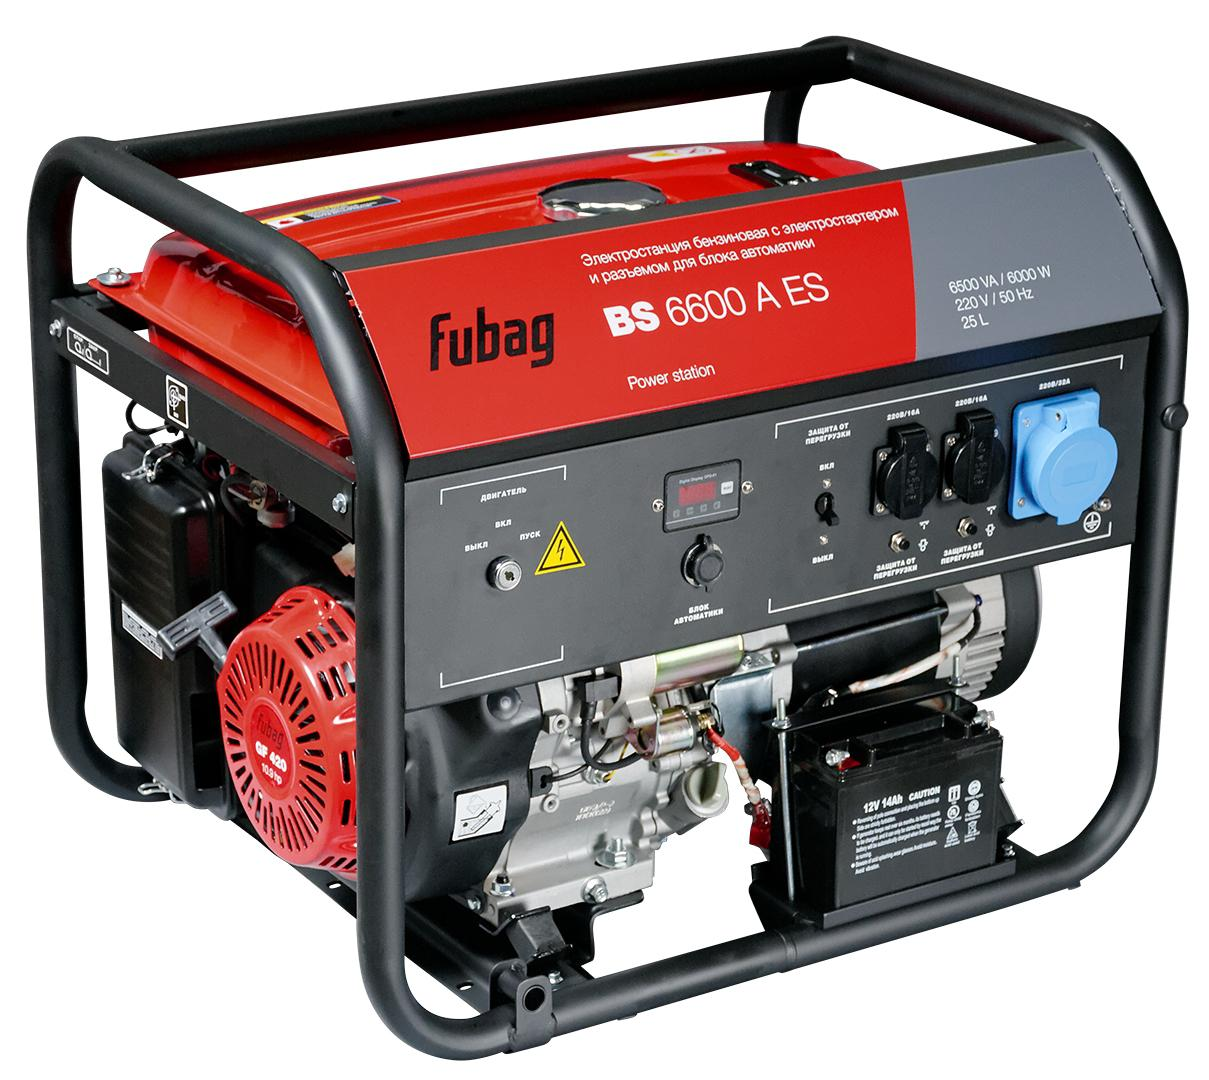 Бензиновый генератор Fubag Bs 6600 a es генератор fubag bs 5500 a es